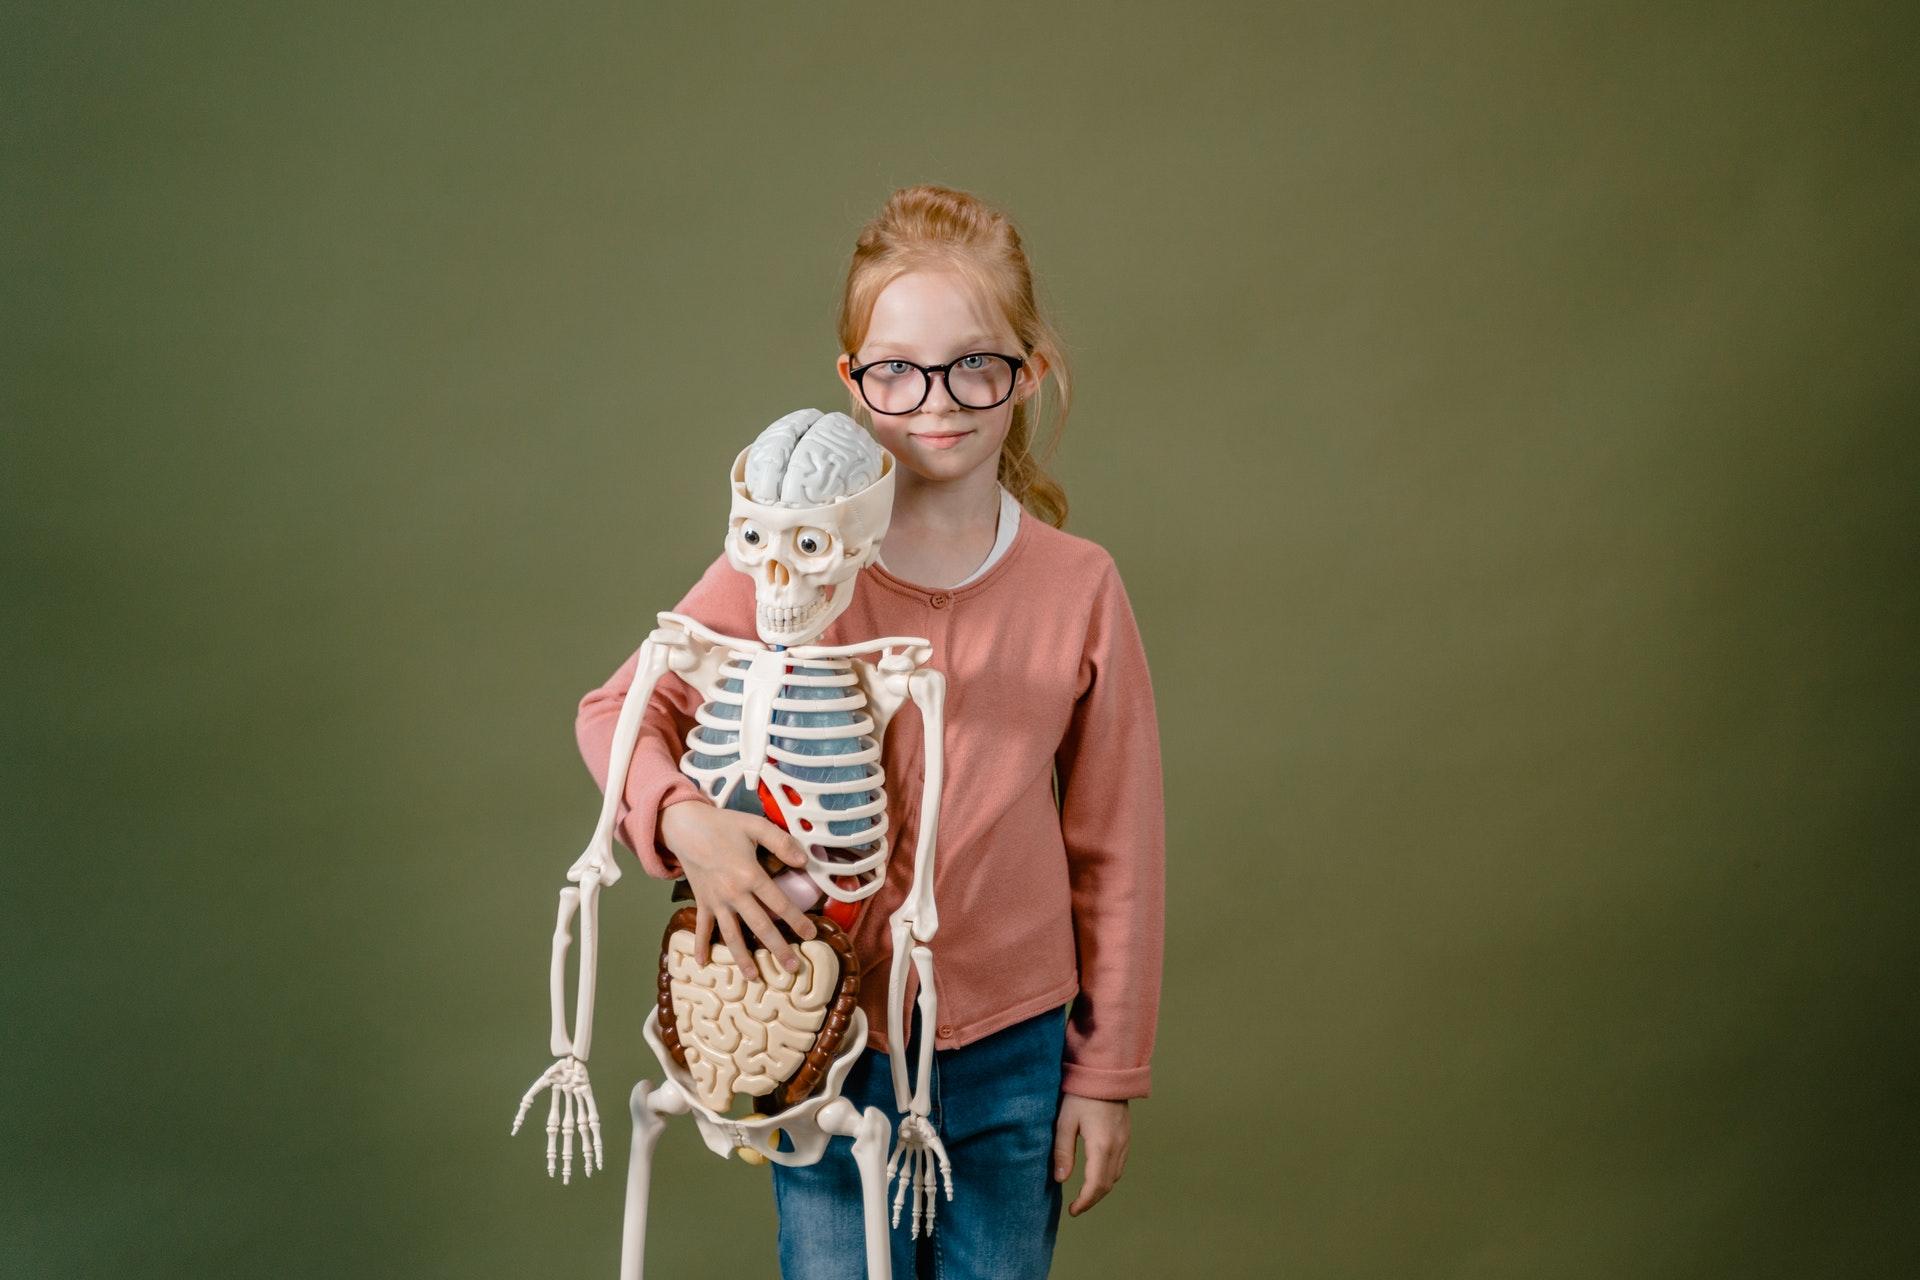 Anatomi copywriting mengikuti anatomi tubuh manusia - Photo byMART PRODUCTIONfromPexels